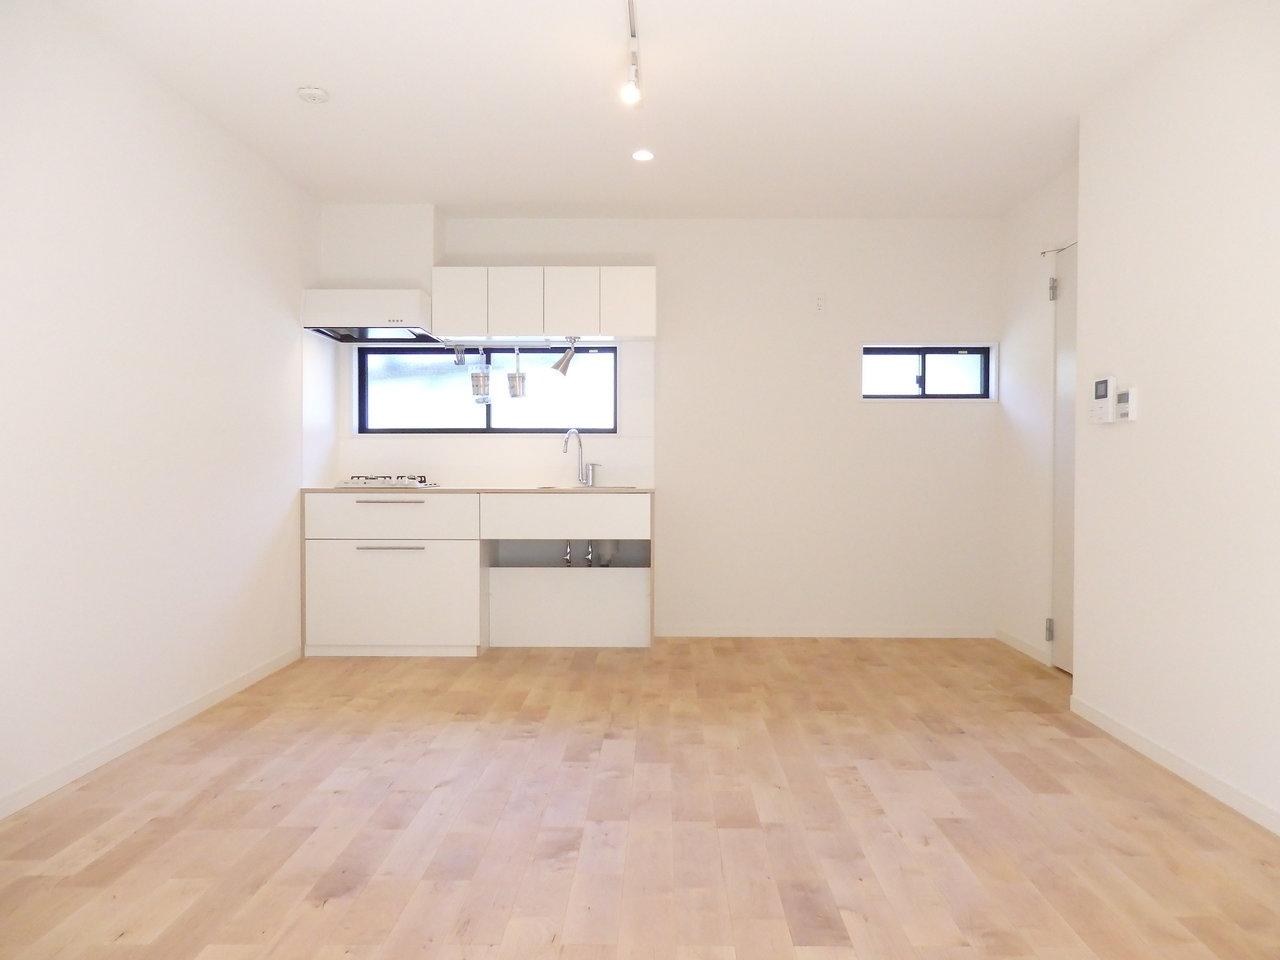 やわらかな風合いの無垢フローリングに白いキッチンがとても似合う、リノベーションのお部屋です。